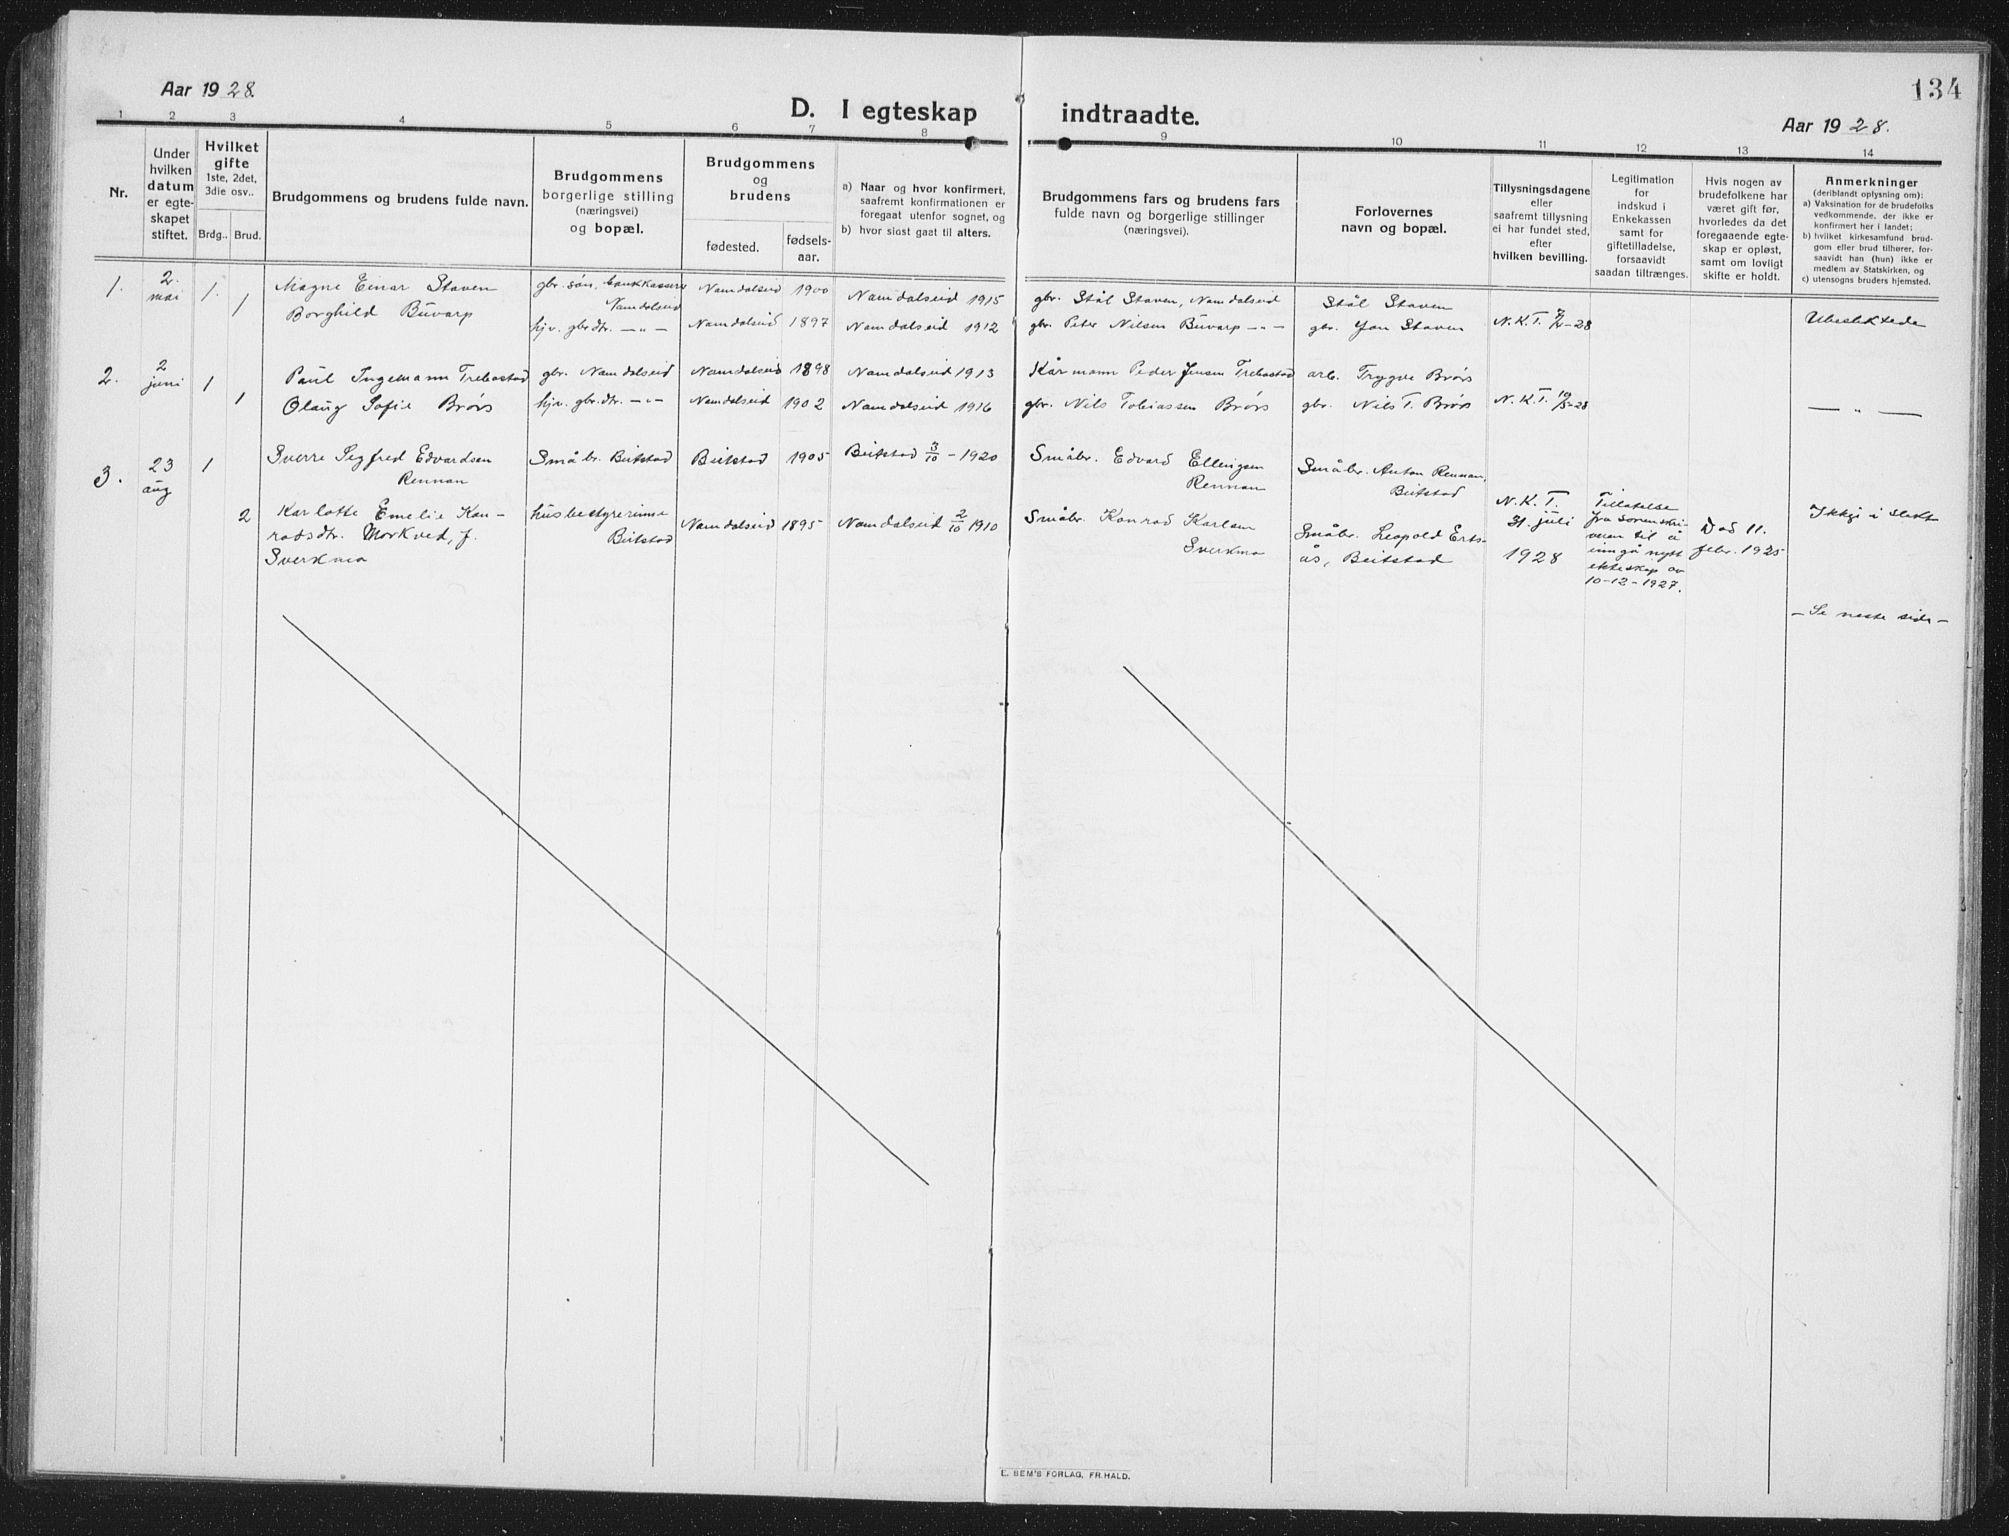 SAT, Ministerialprotokoller, klokkerbøker og fødselsregistre - Nord-Trøndelag, 742/L0413: Klokkerbok nr. 742C04, 1911-1938, s. 134